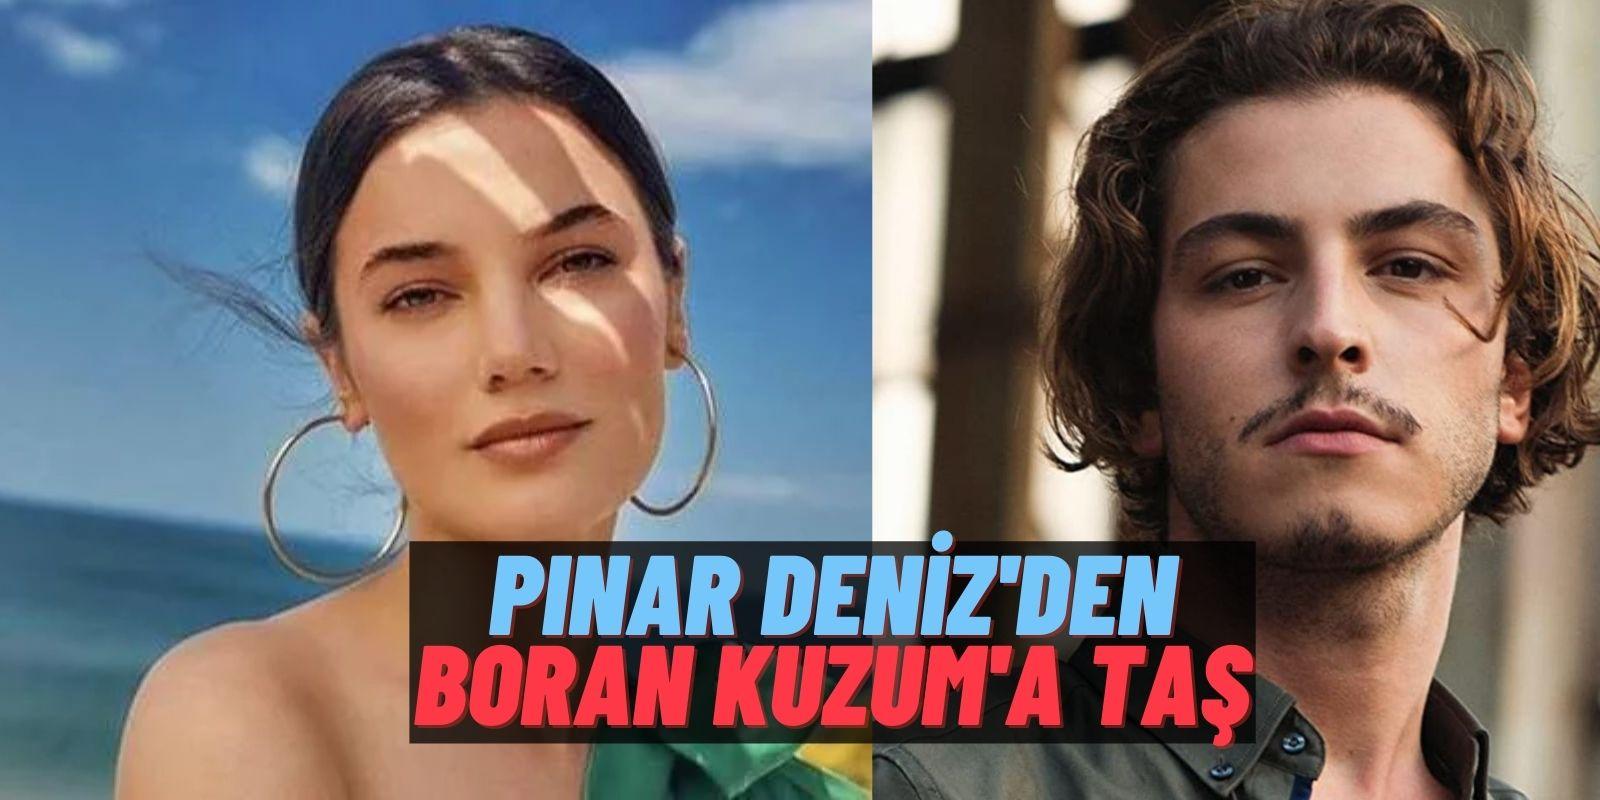 Pınar Deniz'den Boran Kuzum Hakkında Esprili Şikayet! Rol Arkadaşı İçin 'Çok Konuşuyor' Dedi